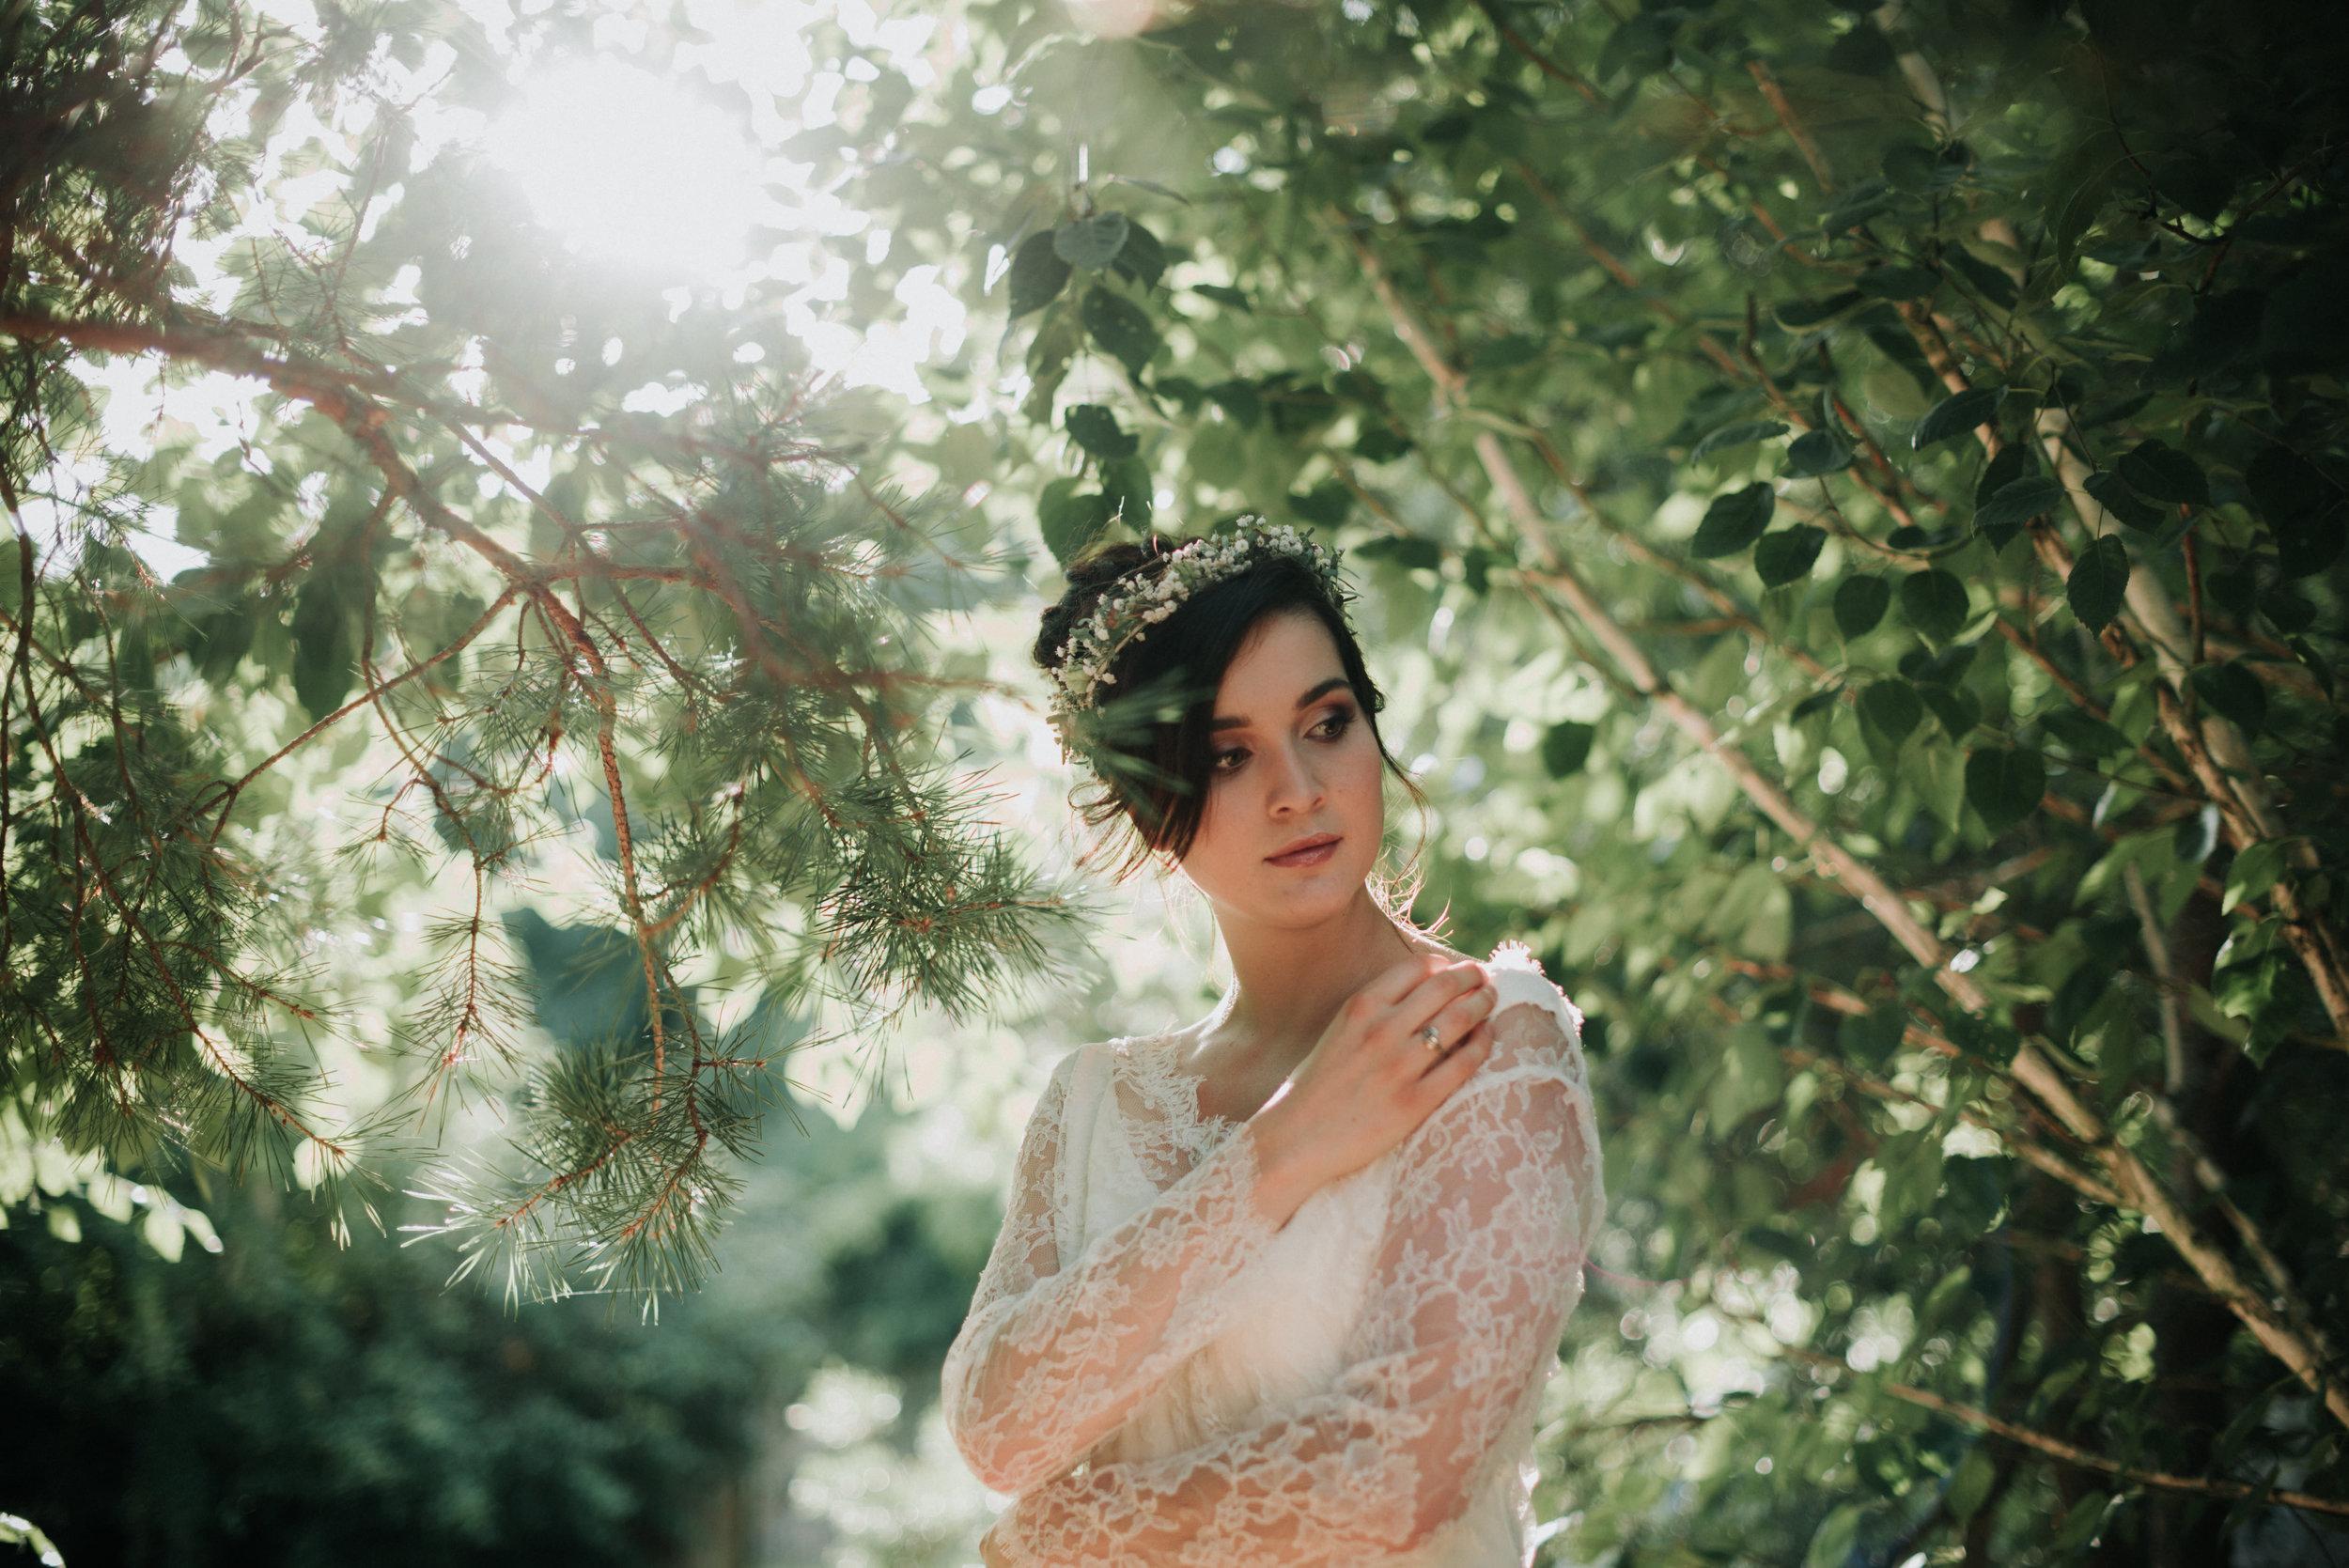 Léa-Fery-photographe-professionnel-lyon-rhone-alpes-portrait-creation-mariage-evenement-evenementiel-famille-9324.jpg